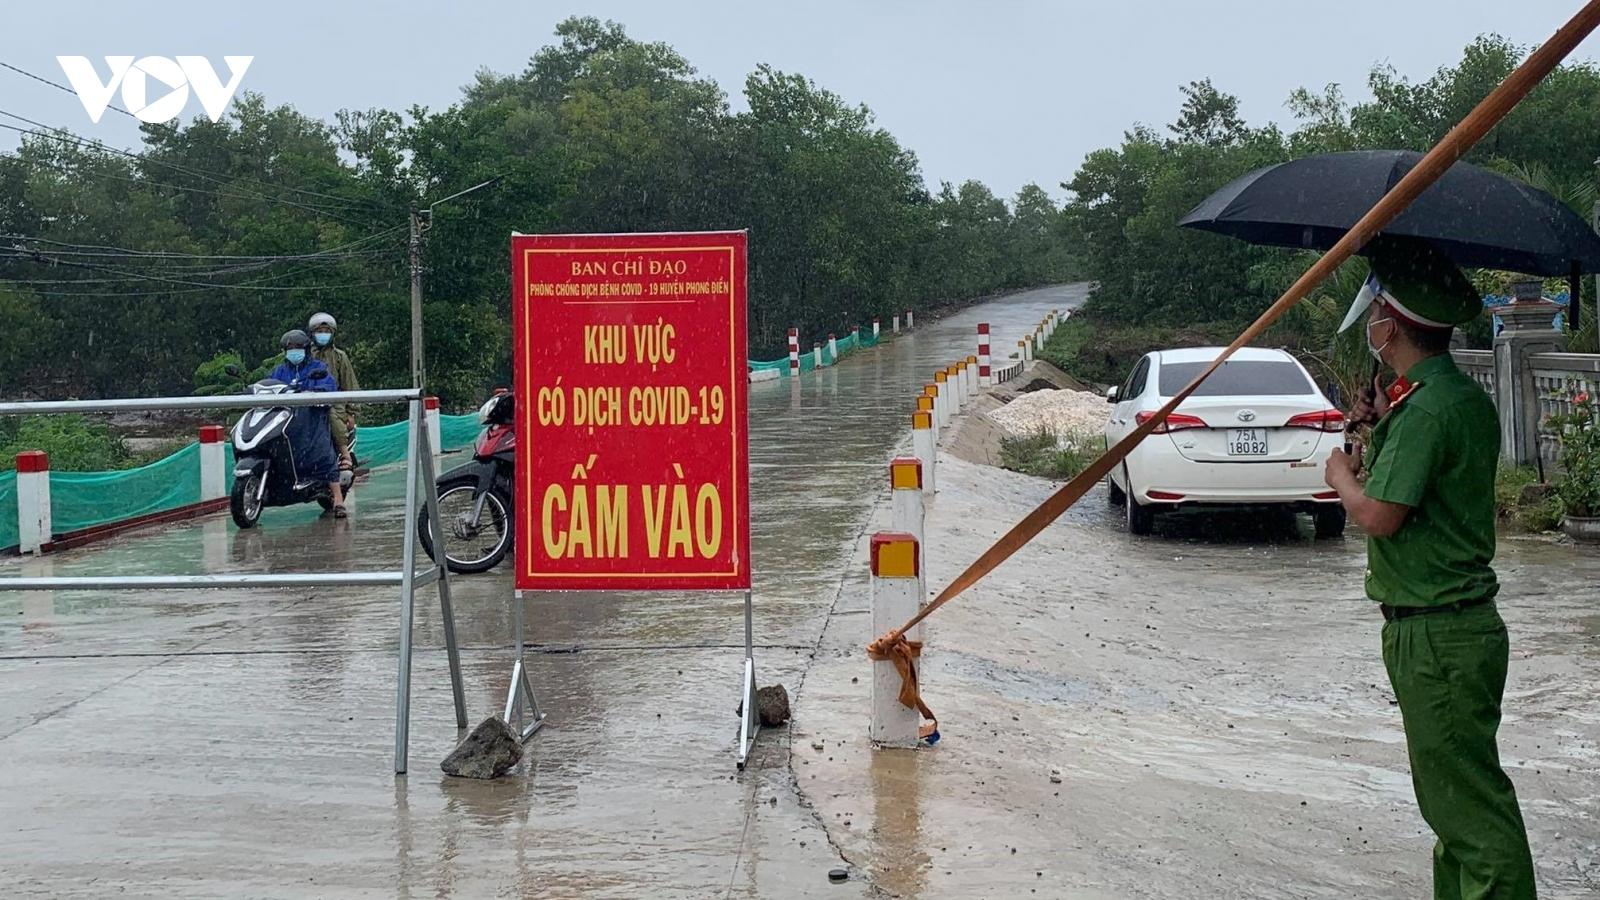 Phát hiện chùm ca bệnh cộng đồng, phong tỏa một xã ở Thừa Thiên Huế